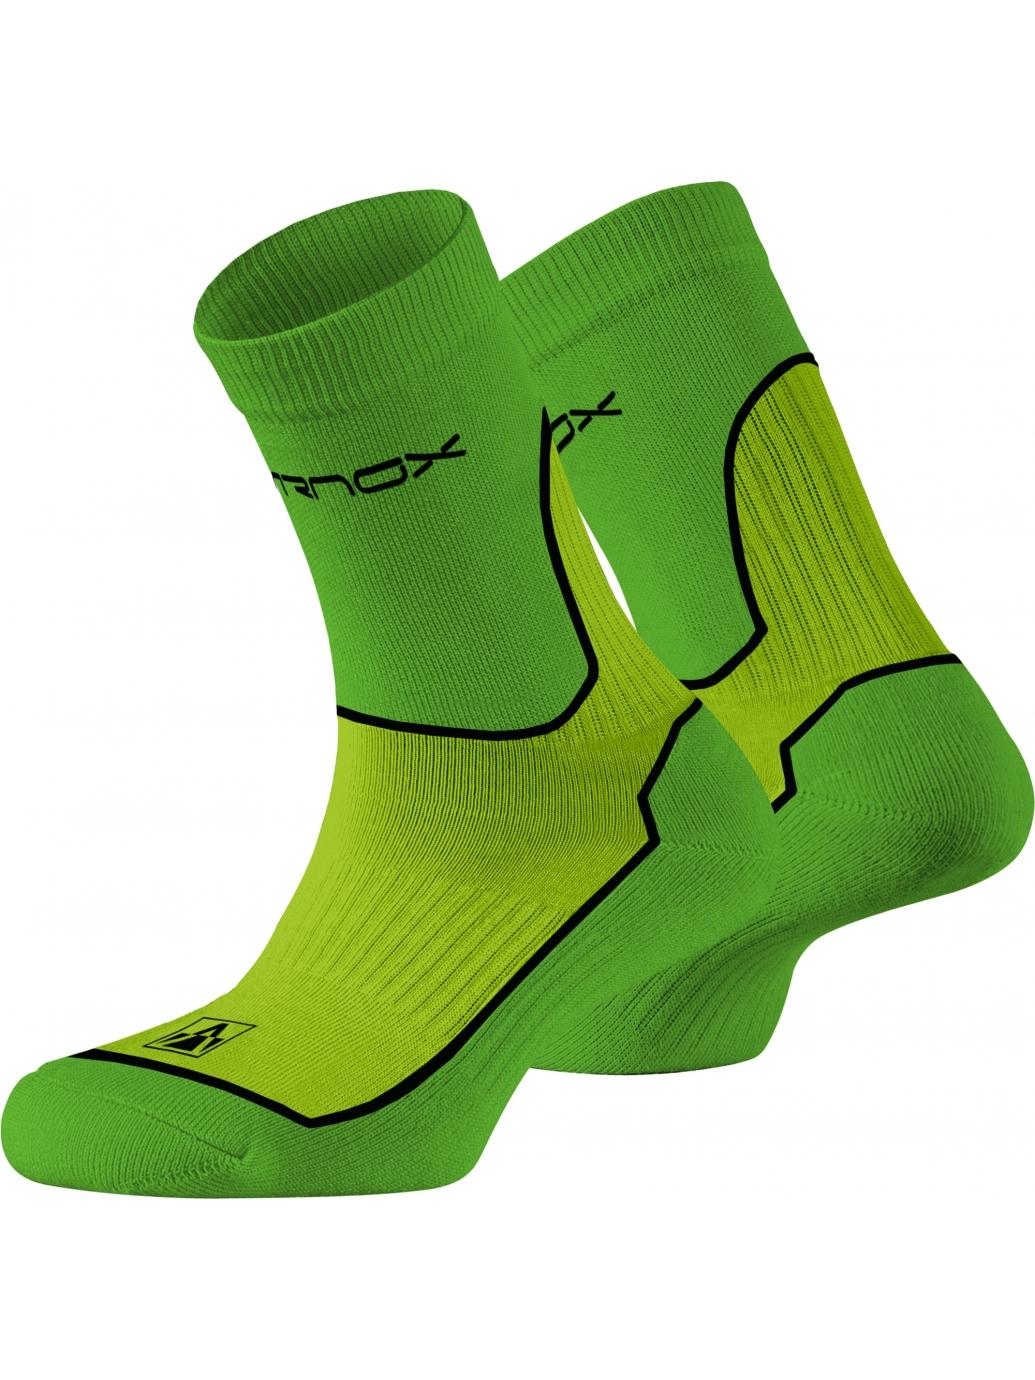 Arnox Outdoor Green-lime - Funkčné športové oblečenie - Arnox.eu 4bb059085a